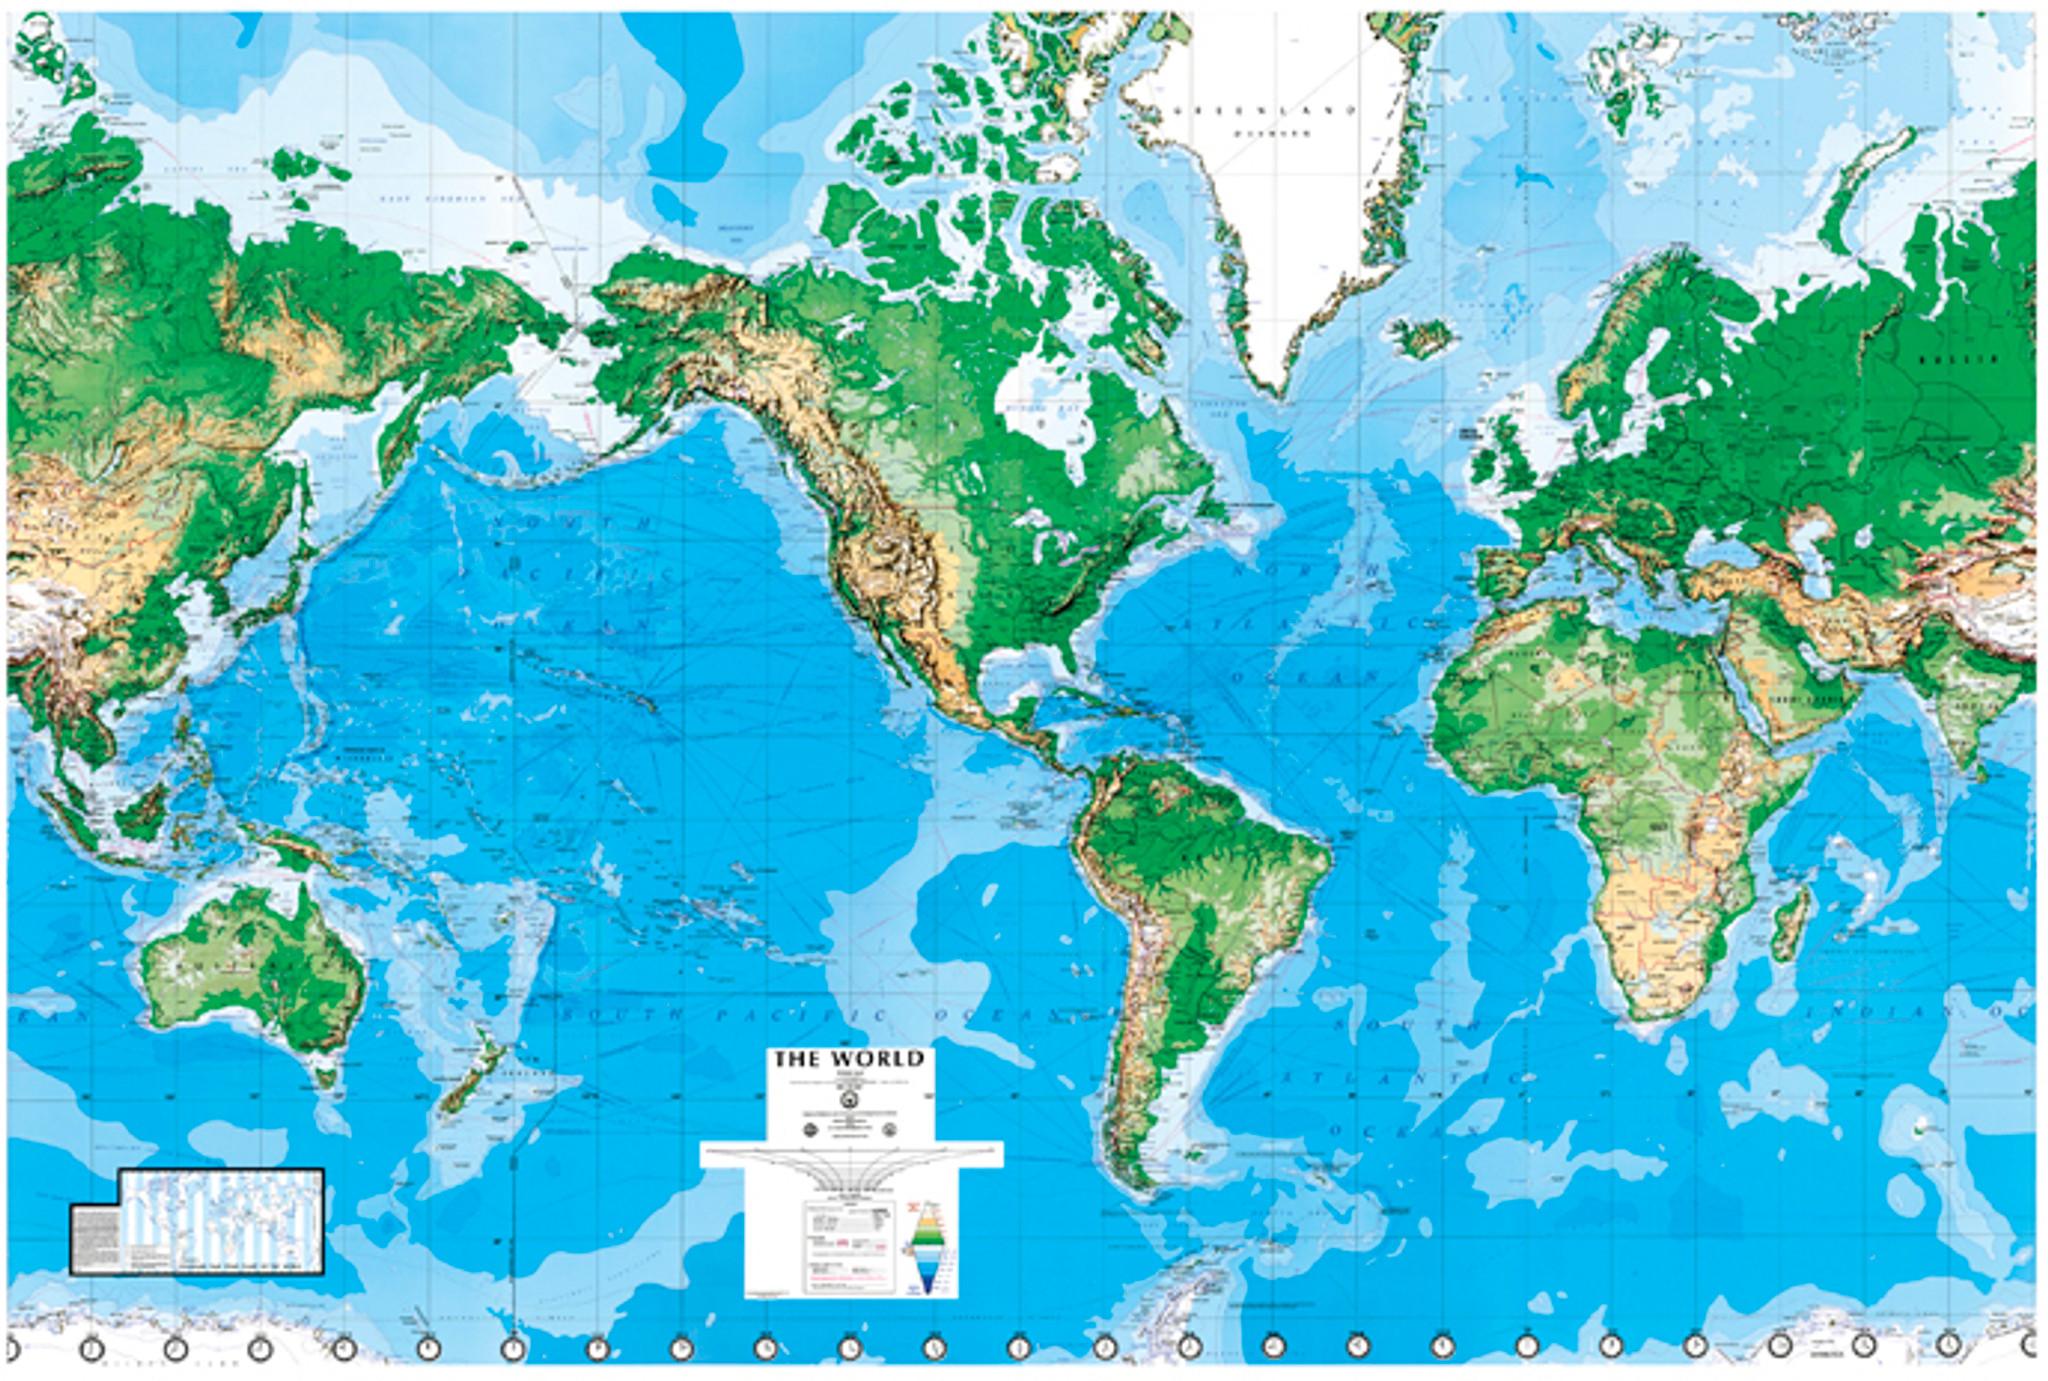 World Wall Laminated Mural Map